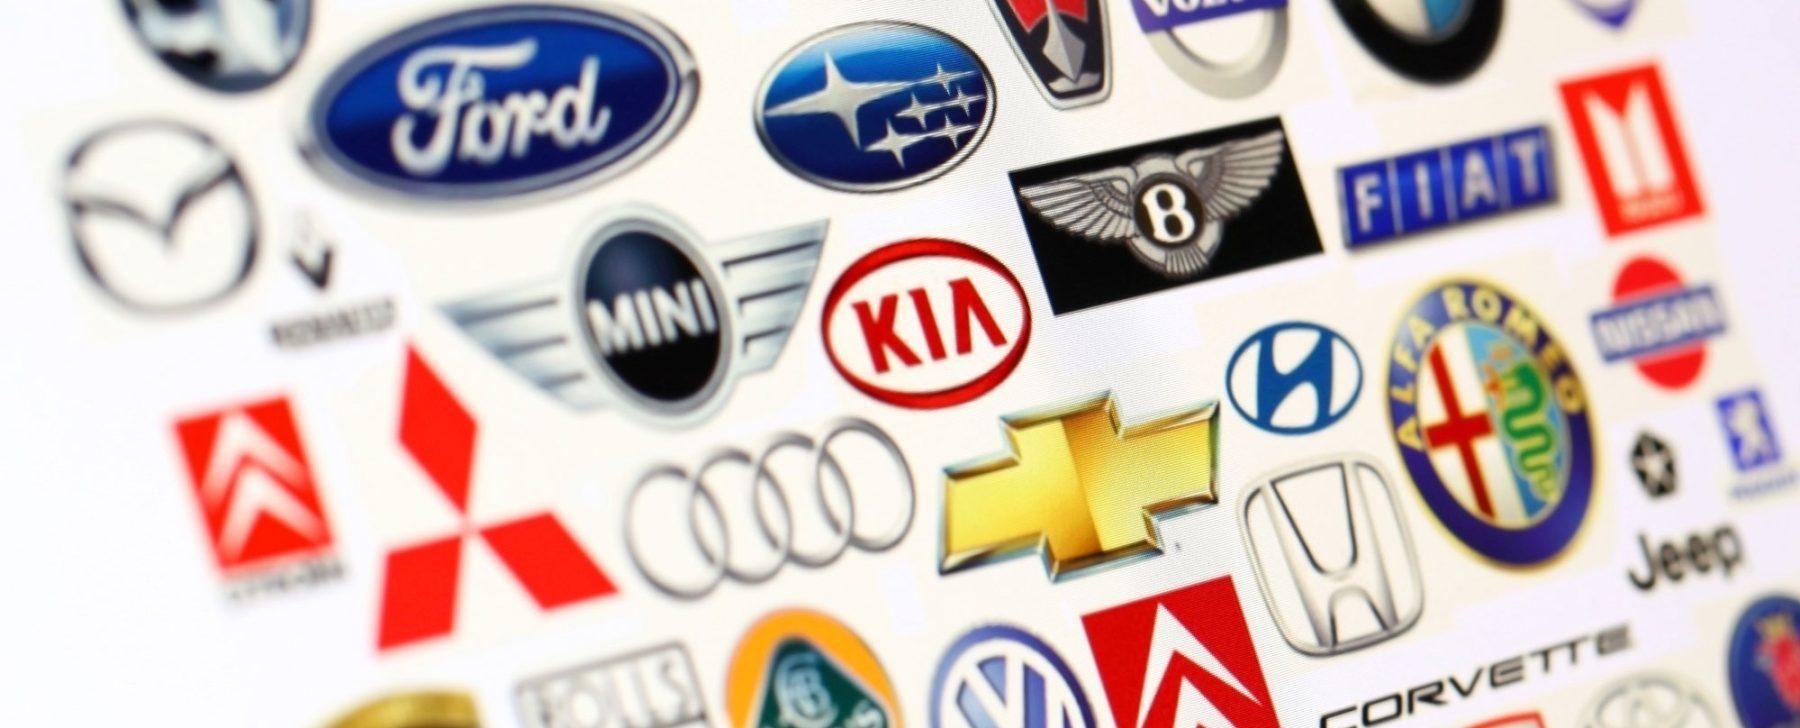 O Grupo Toyota, com 9,52 milhões de vendas, foi o líder planetário em 2020.